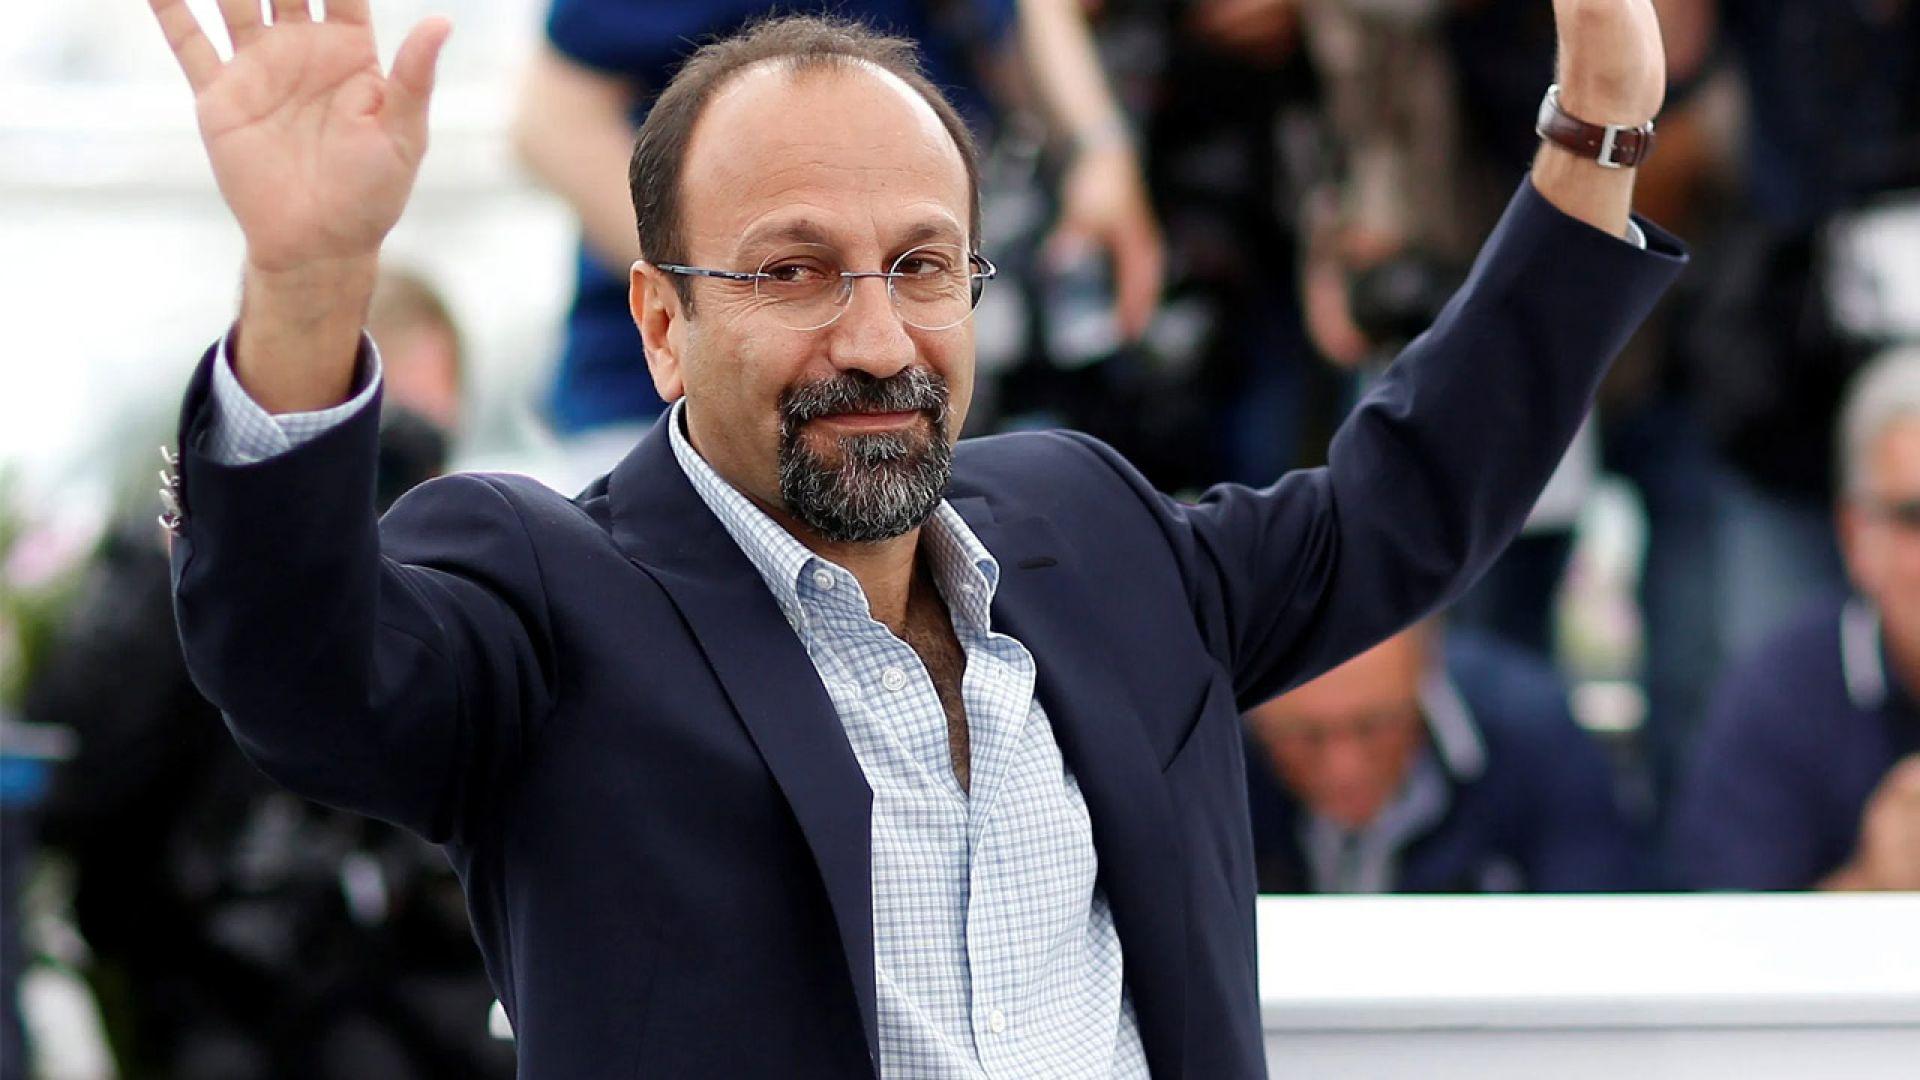 احتمال حضور اصغر فرهادی با قهرمان در جشنواره کن ۲۰۲۱